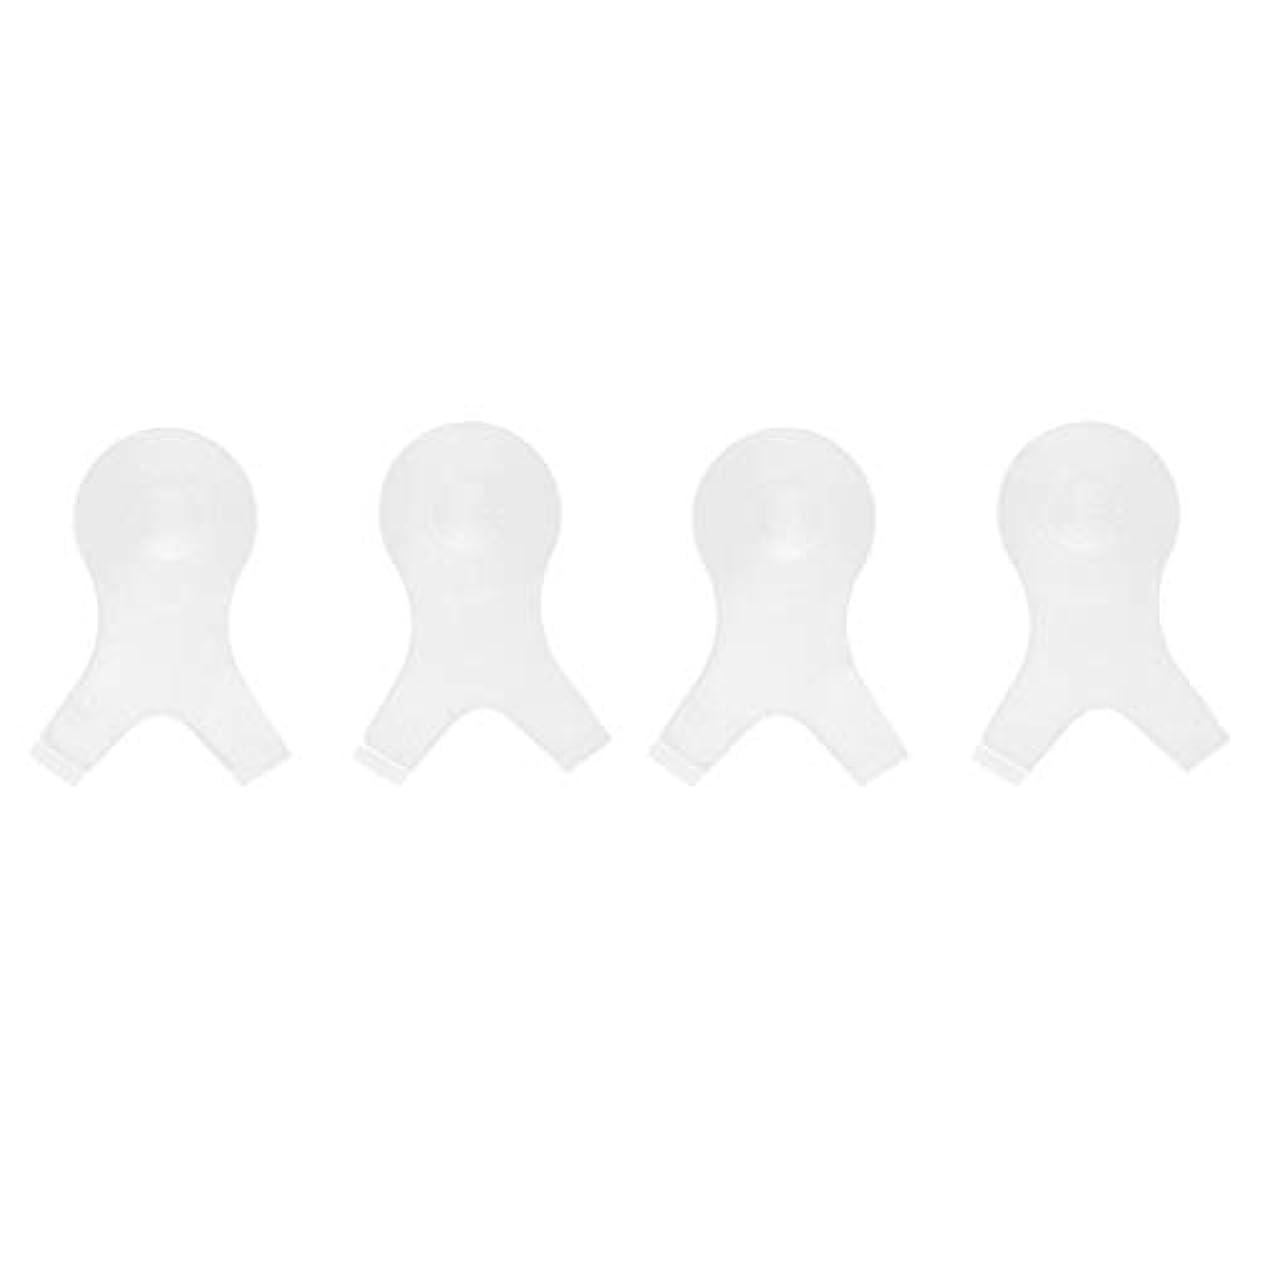 契約する北お勧め4個 Y字型 まつ毛パーシングブラシ まつ毛 エクステンションパーマ用 メイクアップツール